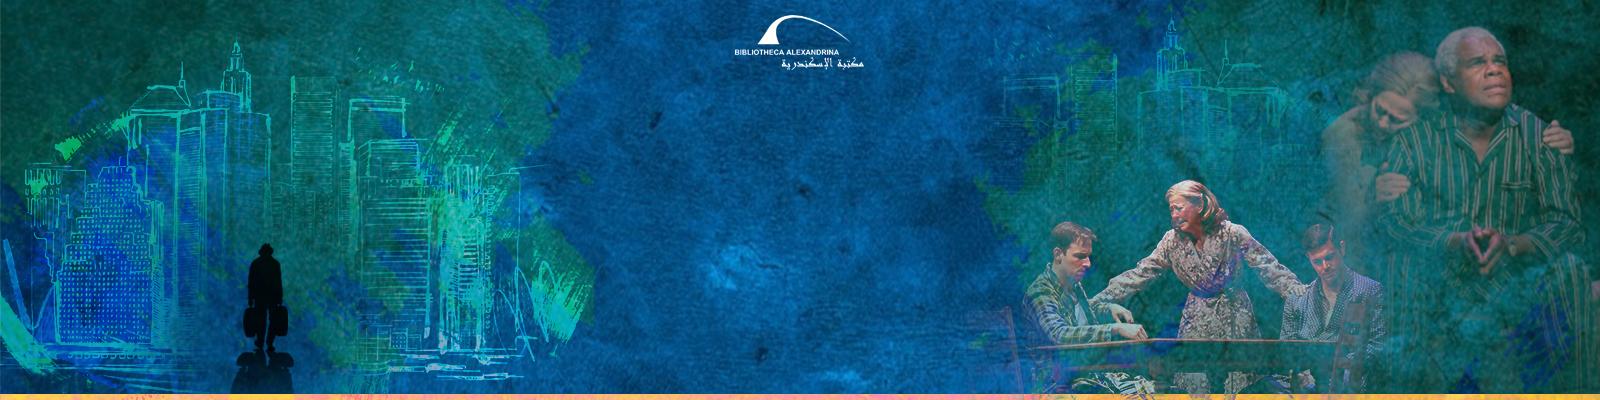 قراءة مسرحية باللغة العربية - وفاة بائع متجول لآرثر ميللر